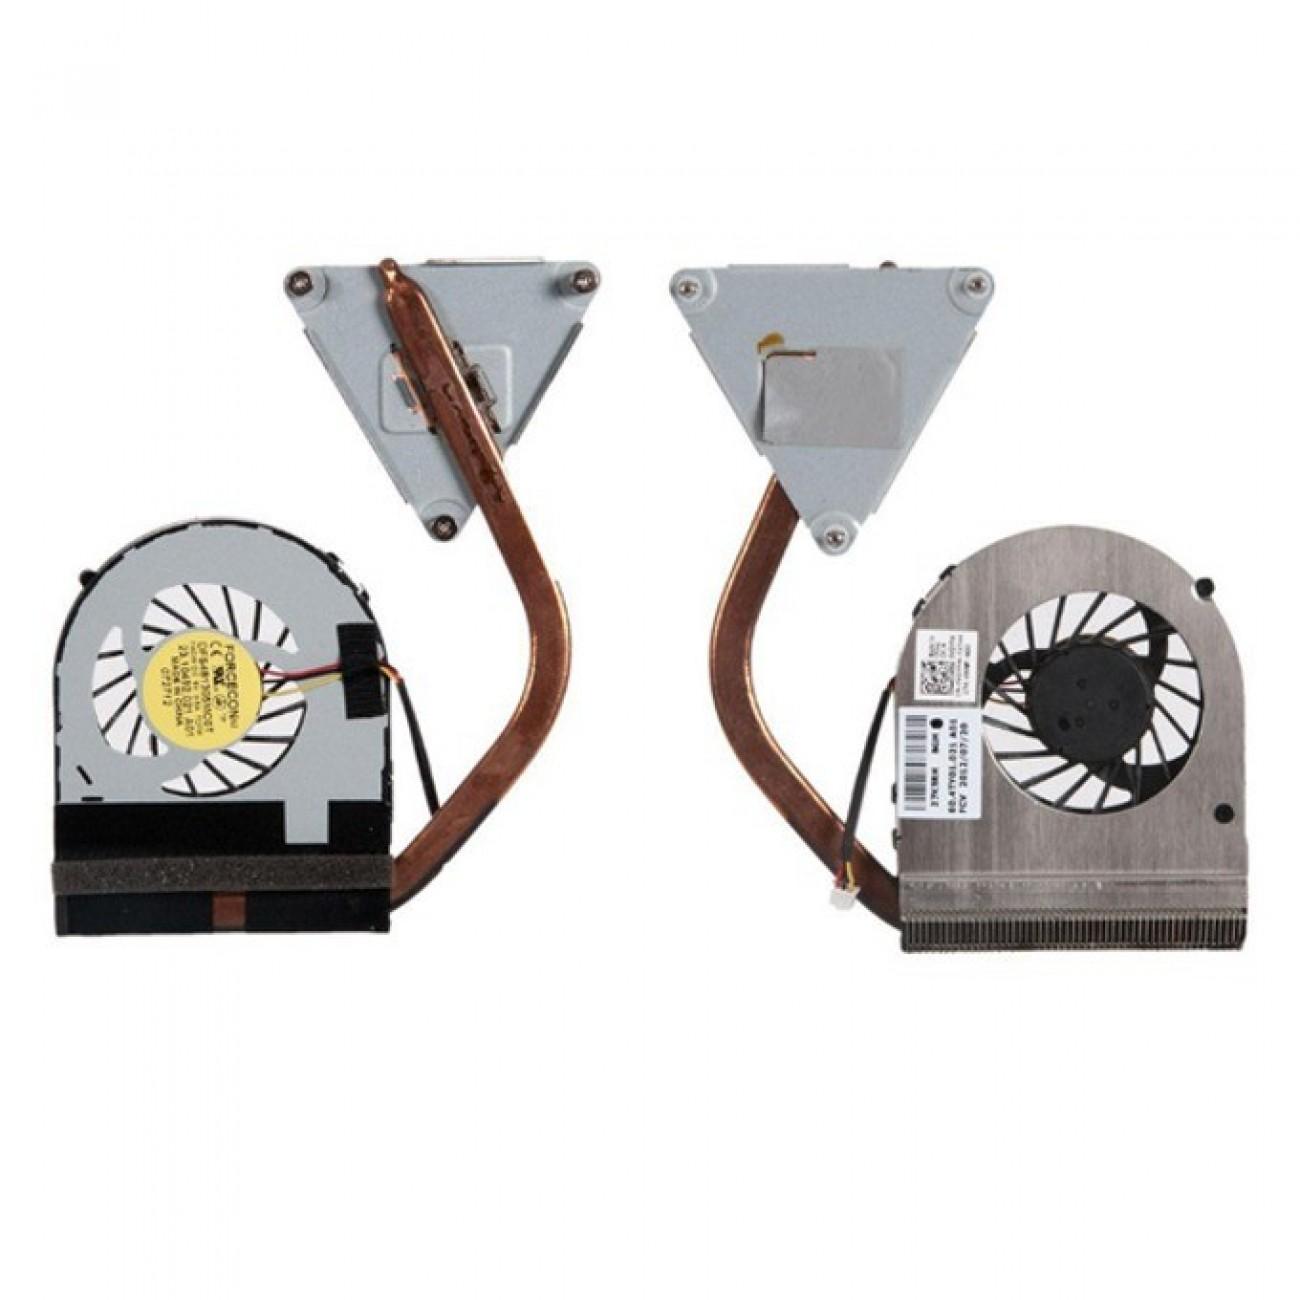 Вентилатор + HeatSink за лаптоп, съвместим с Dell Inspiron N4050 в Резервни части -  | Alleop